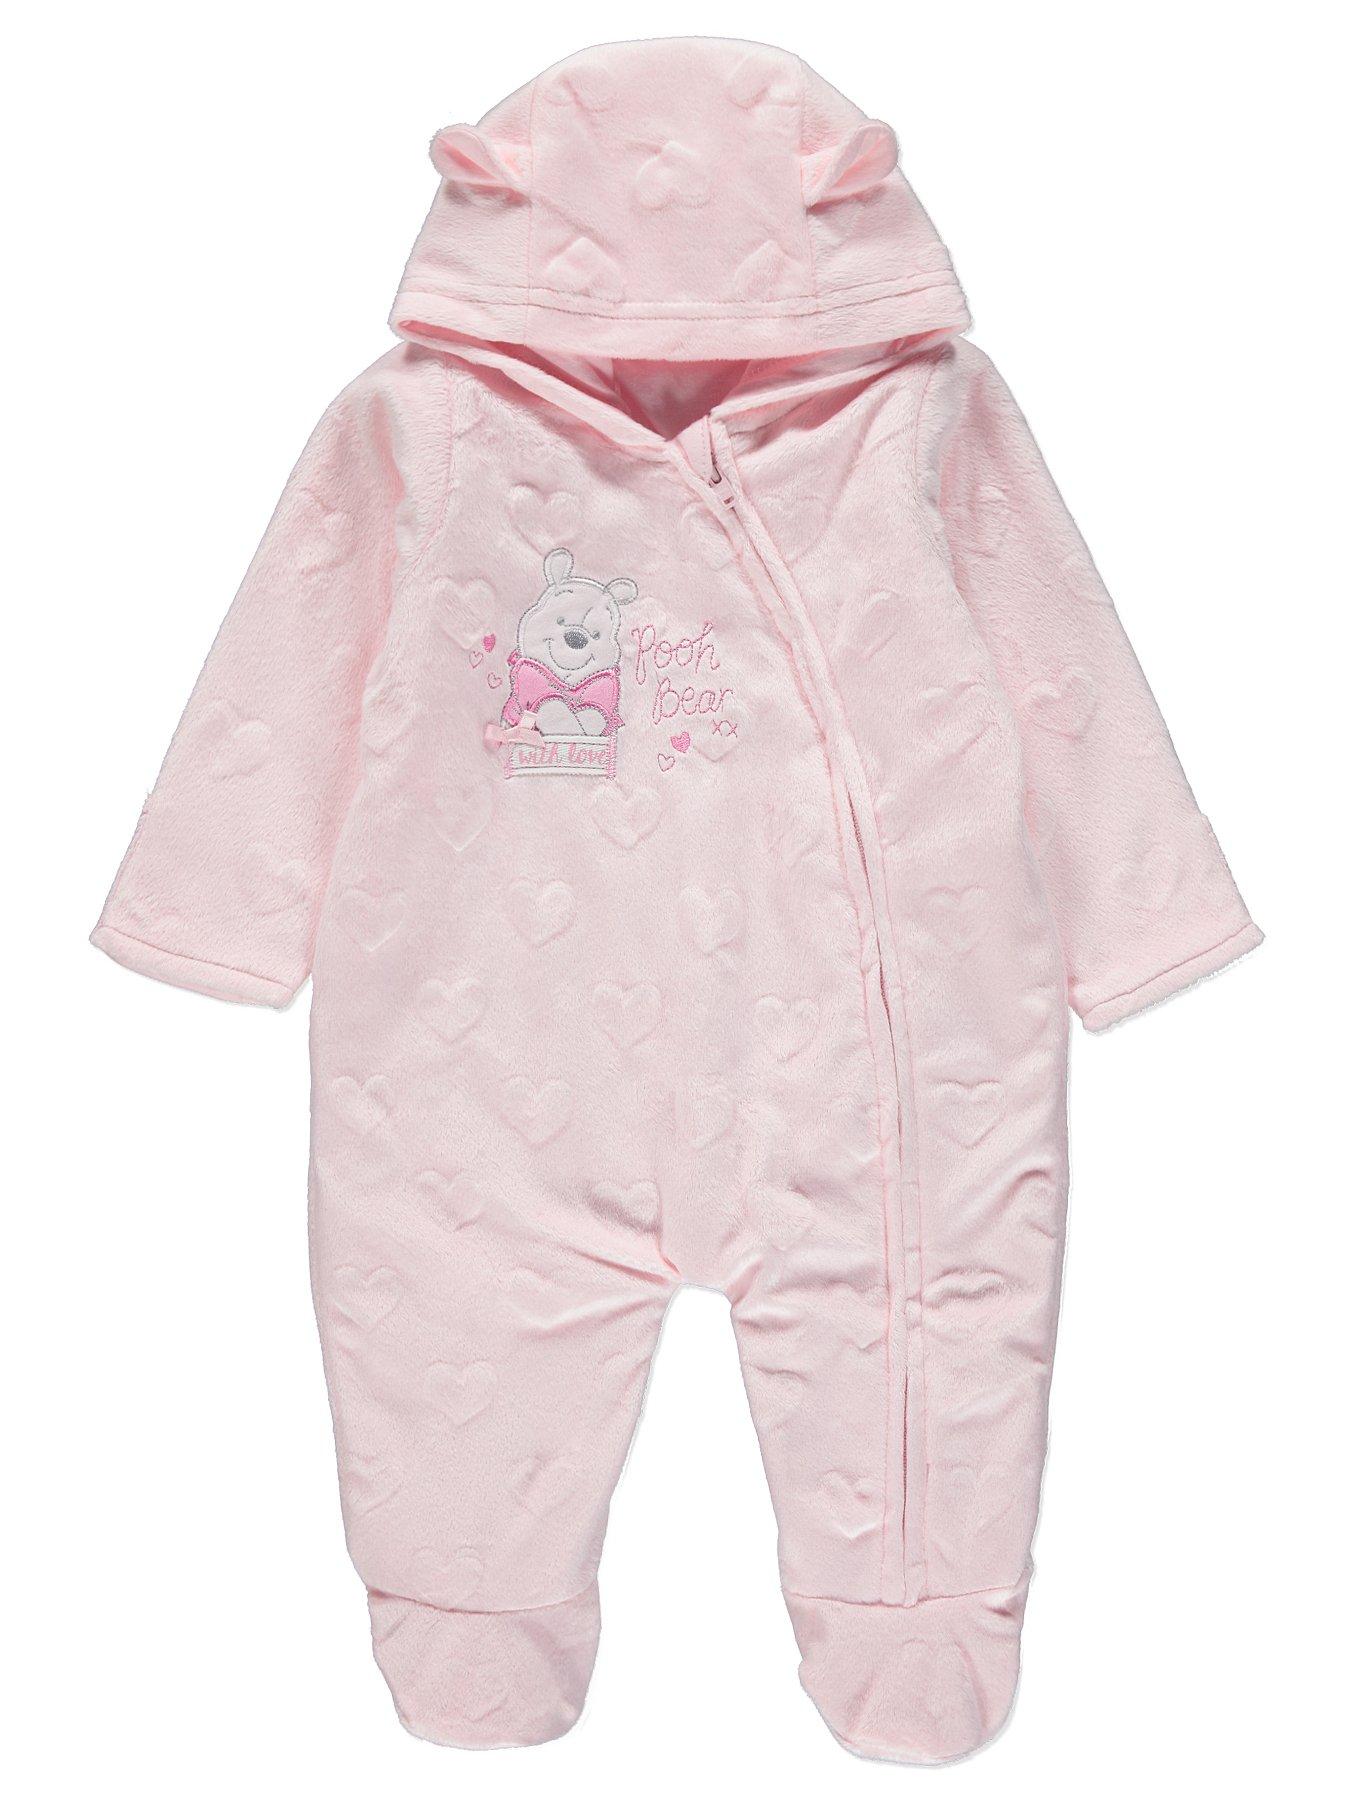 937967ac8 Disney Winnie The Pooh Pramsuit   Baby   George at ASDA